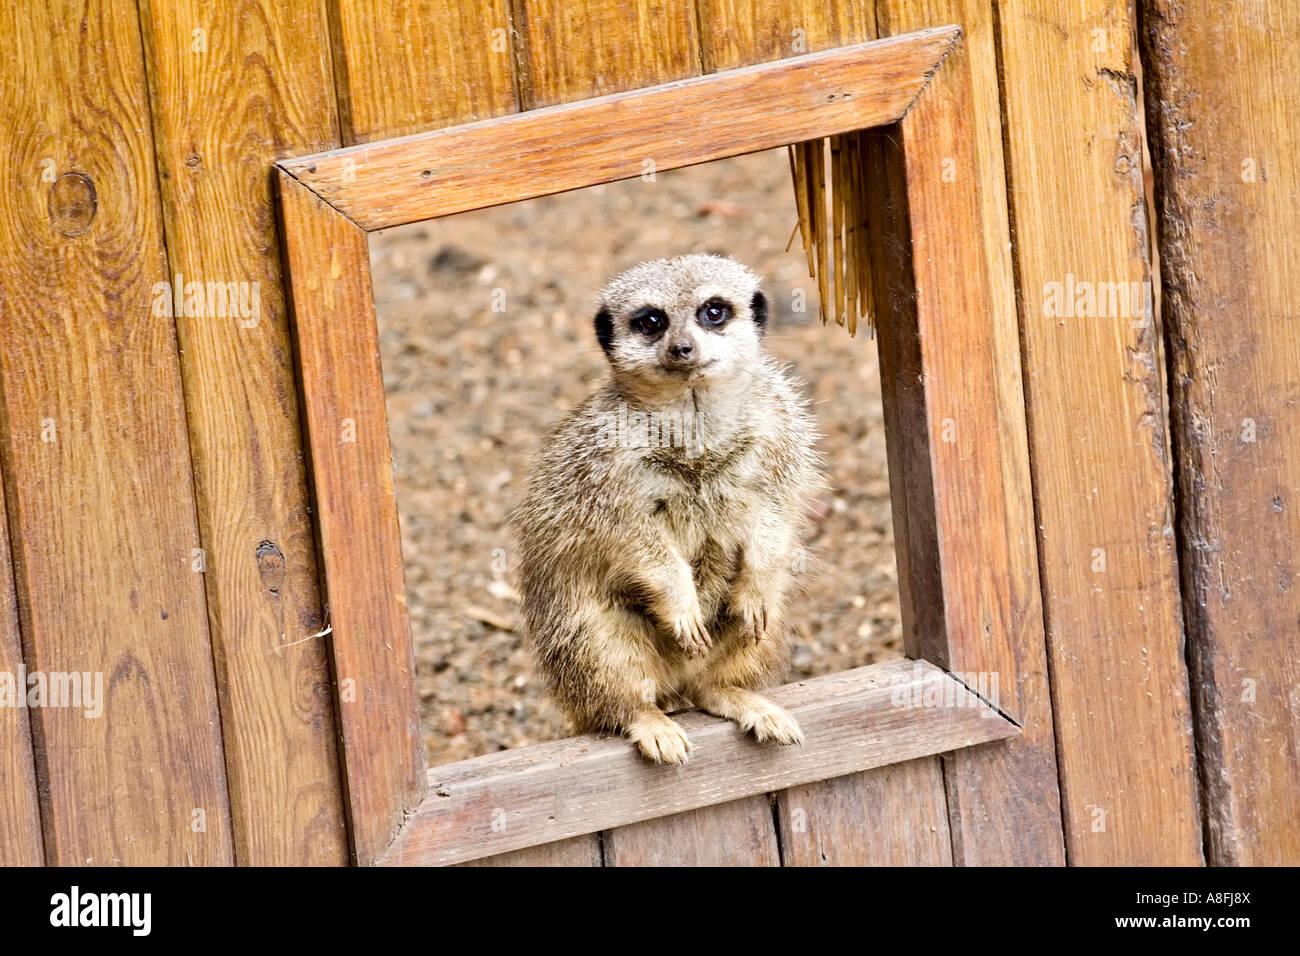 Meerkat at the Door - Stock Image